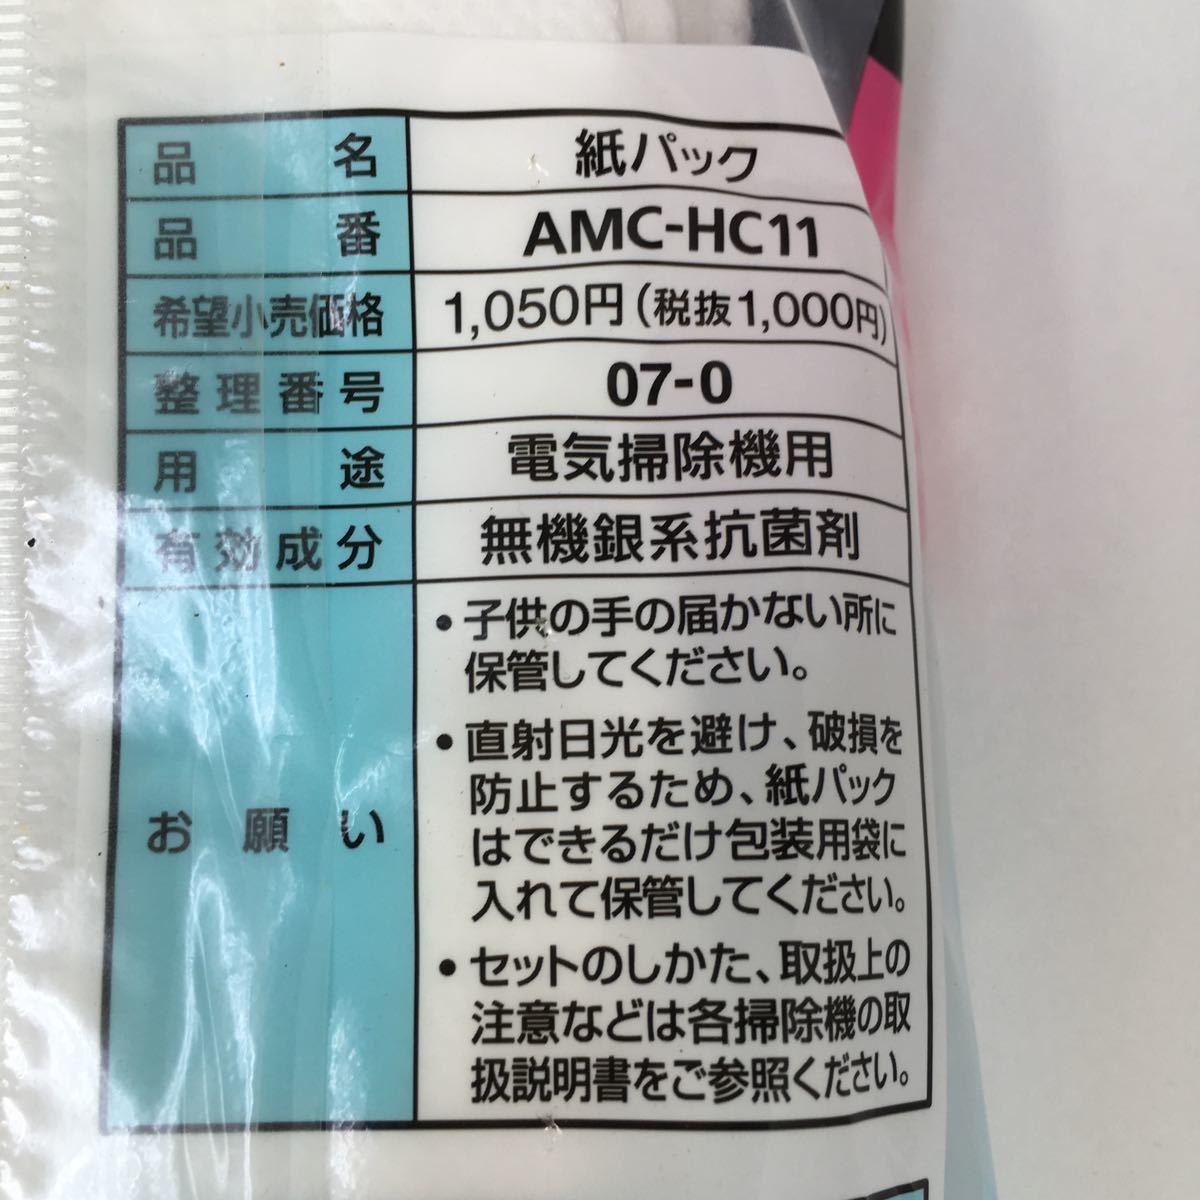 【未使用品】【送料無料】Panasonic/パナソニック 純正紙パック M型 Vタイプ AMC-HC11 3枚入り 2袋_画像6